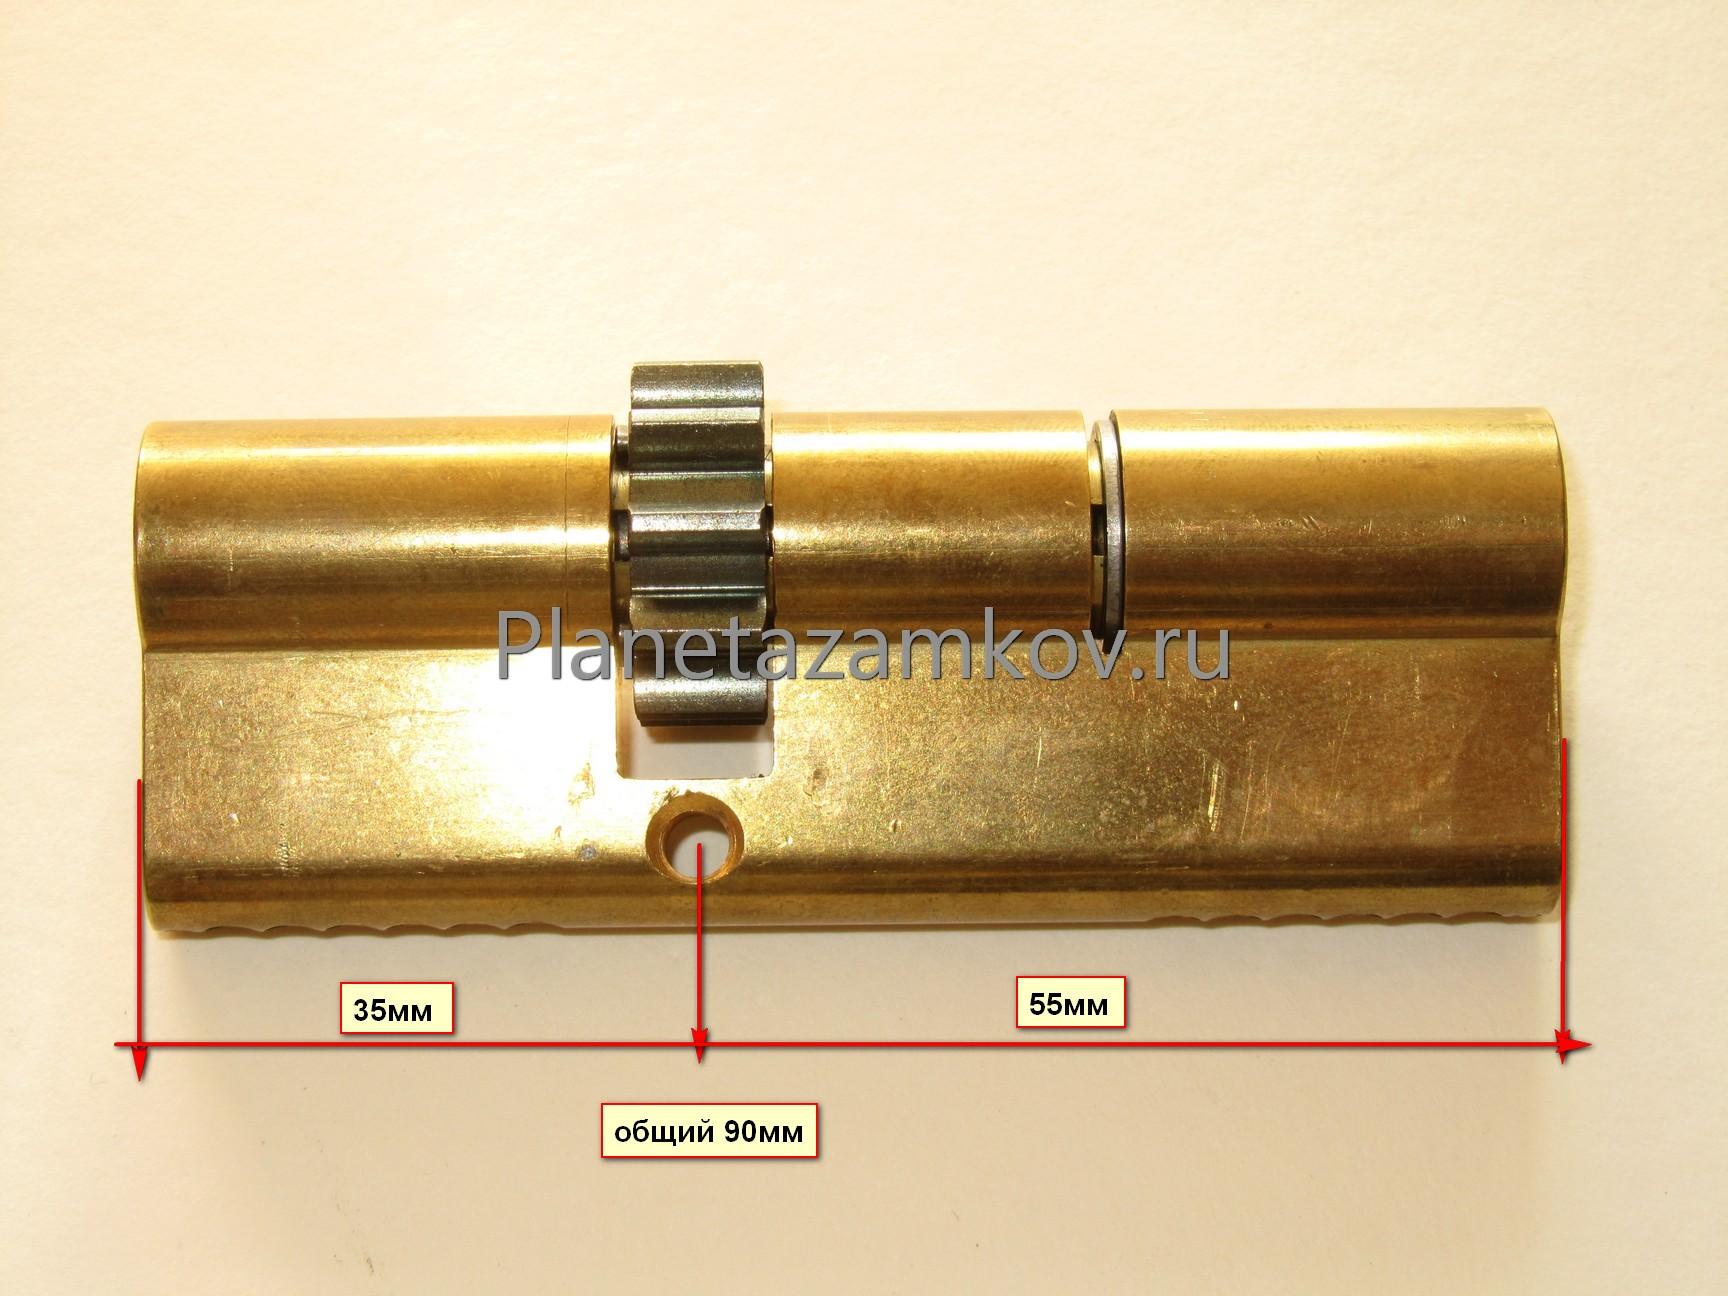 Цилиндровый механизм (личинка) Mul-tlock MT5+ шестеренка